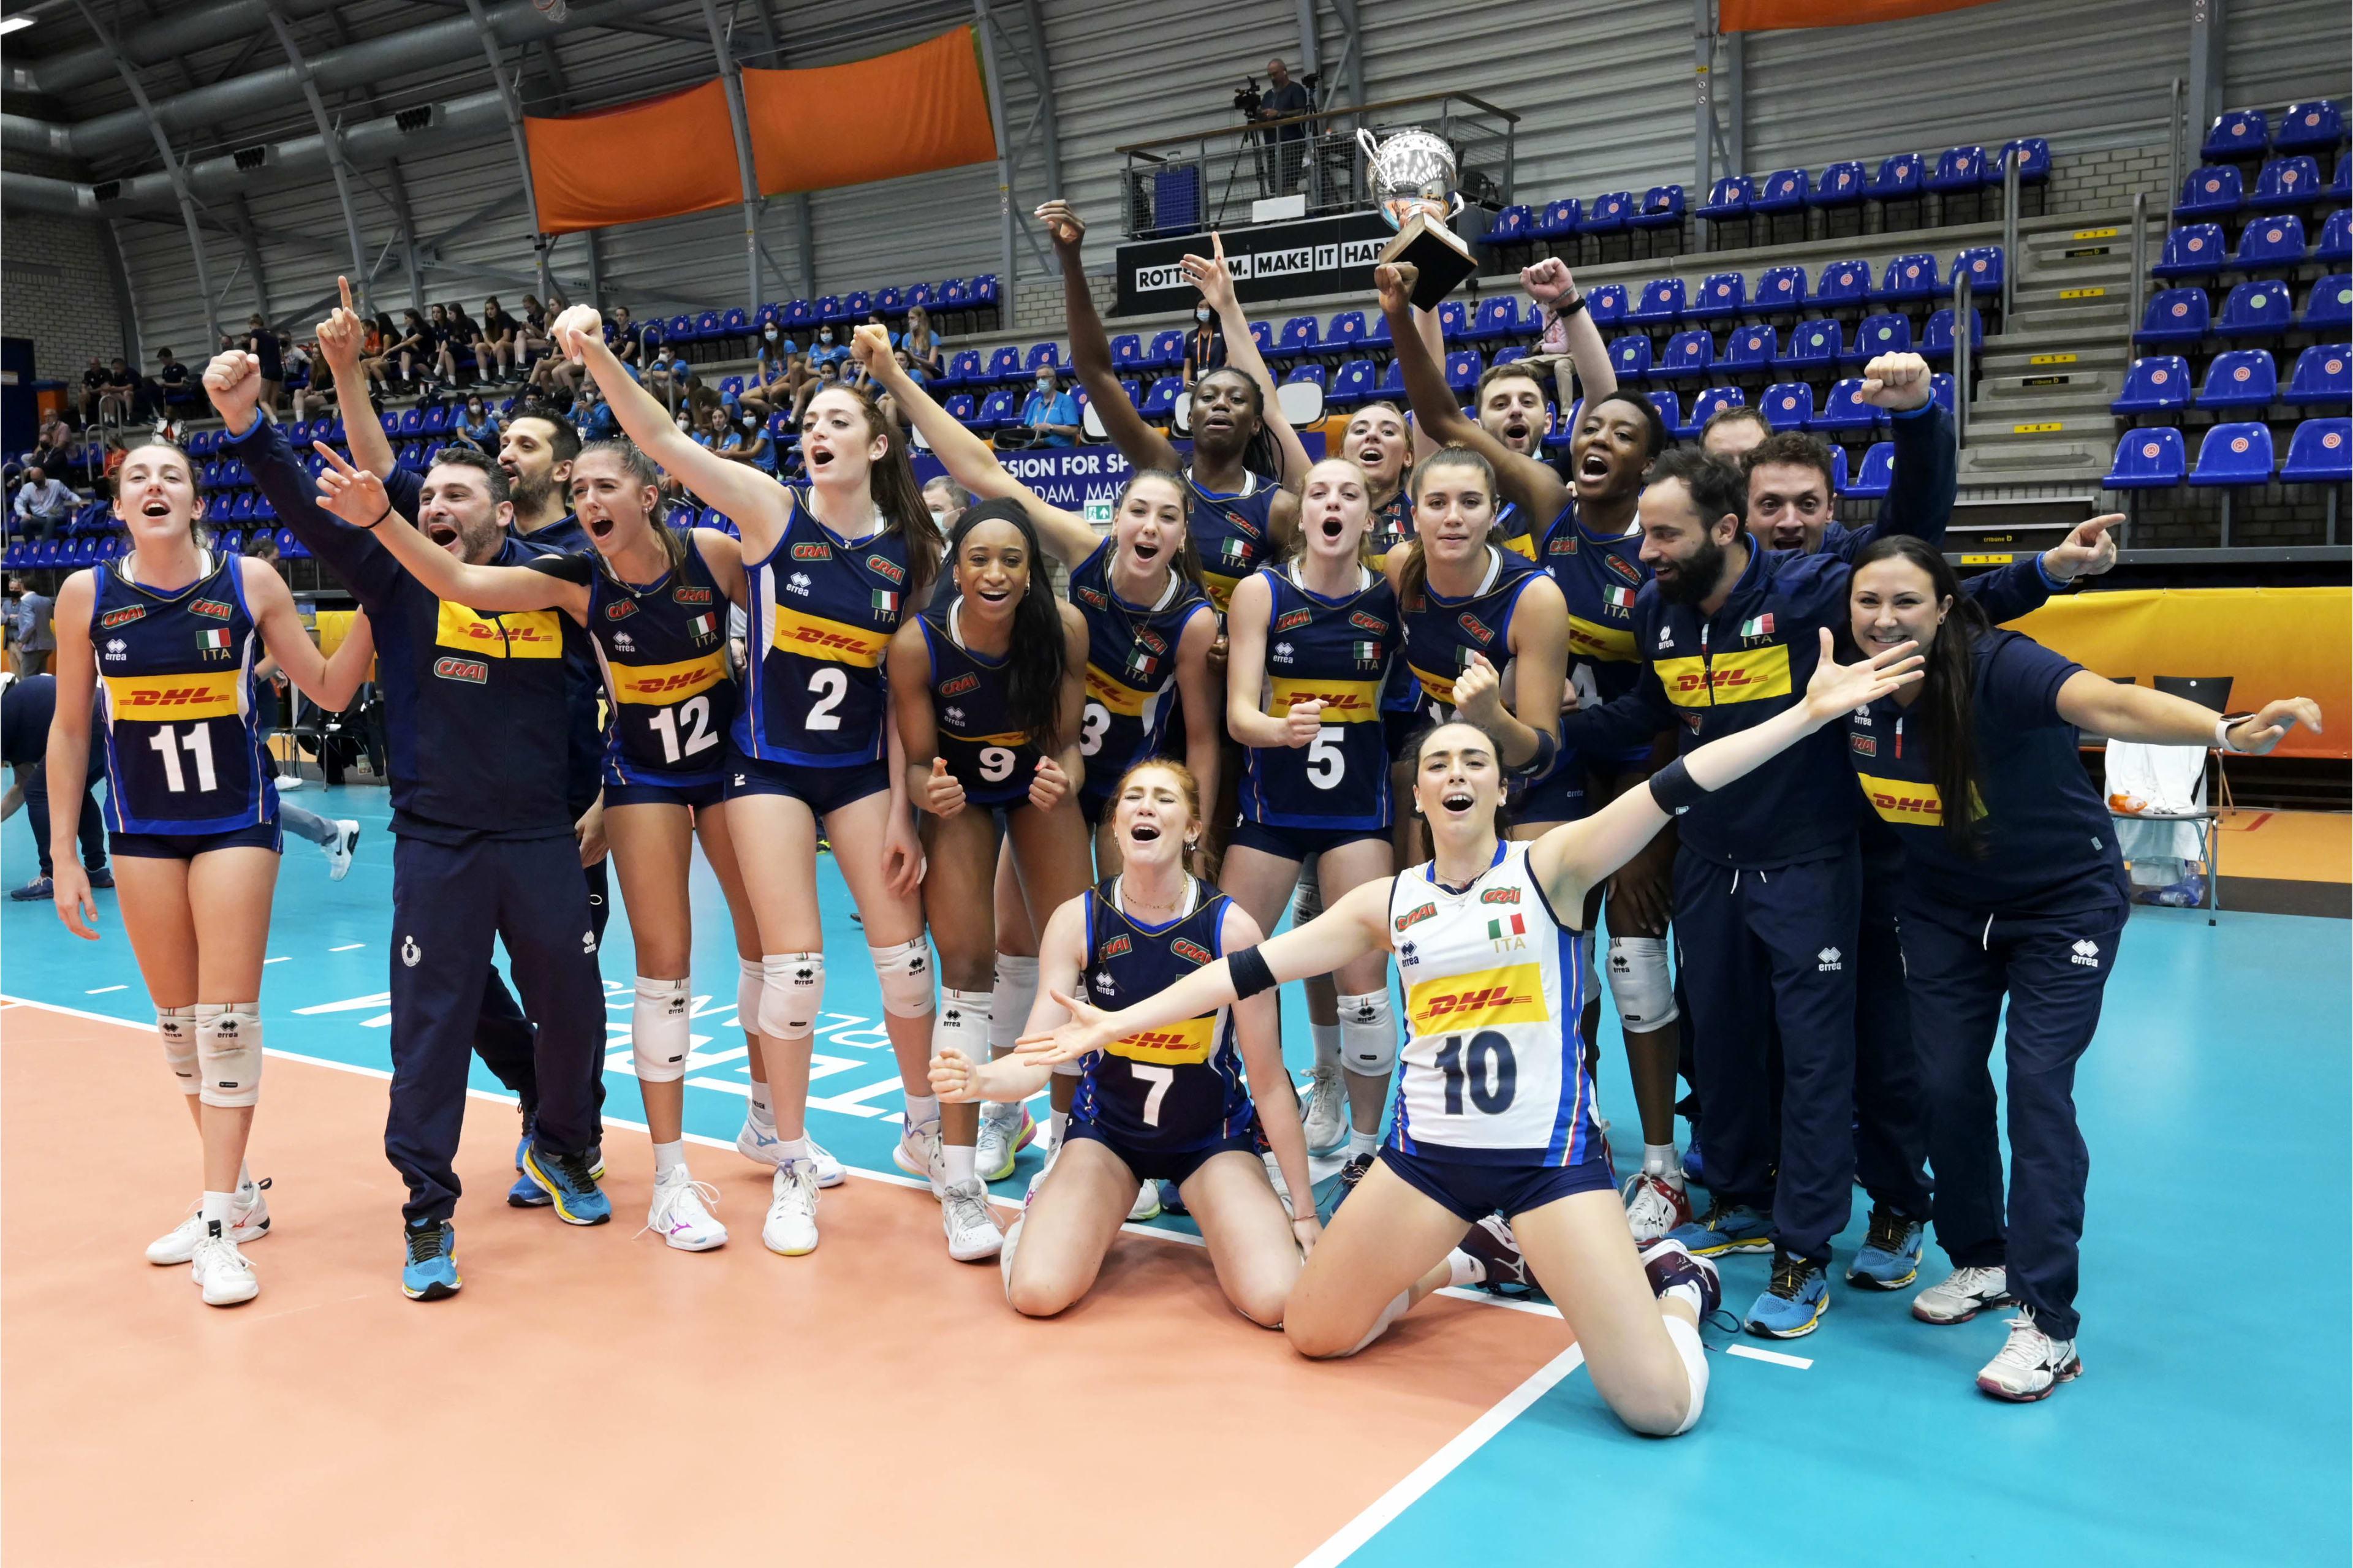 Italia campione del Mondo Under 20: trionfo azzurro con 8 ragazze del Volleyrò